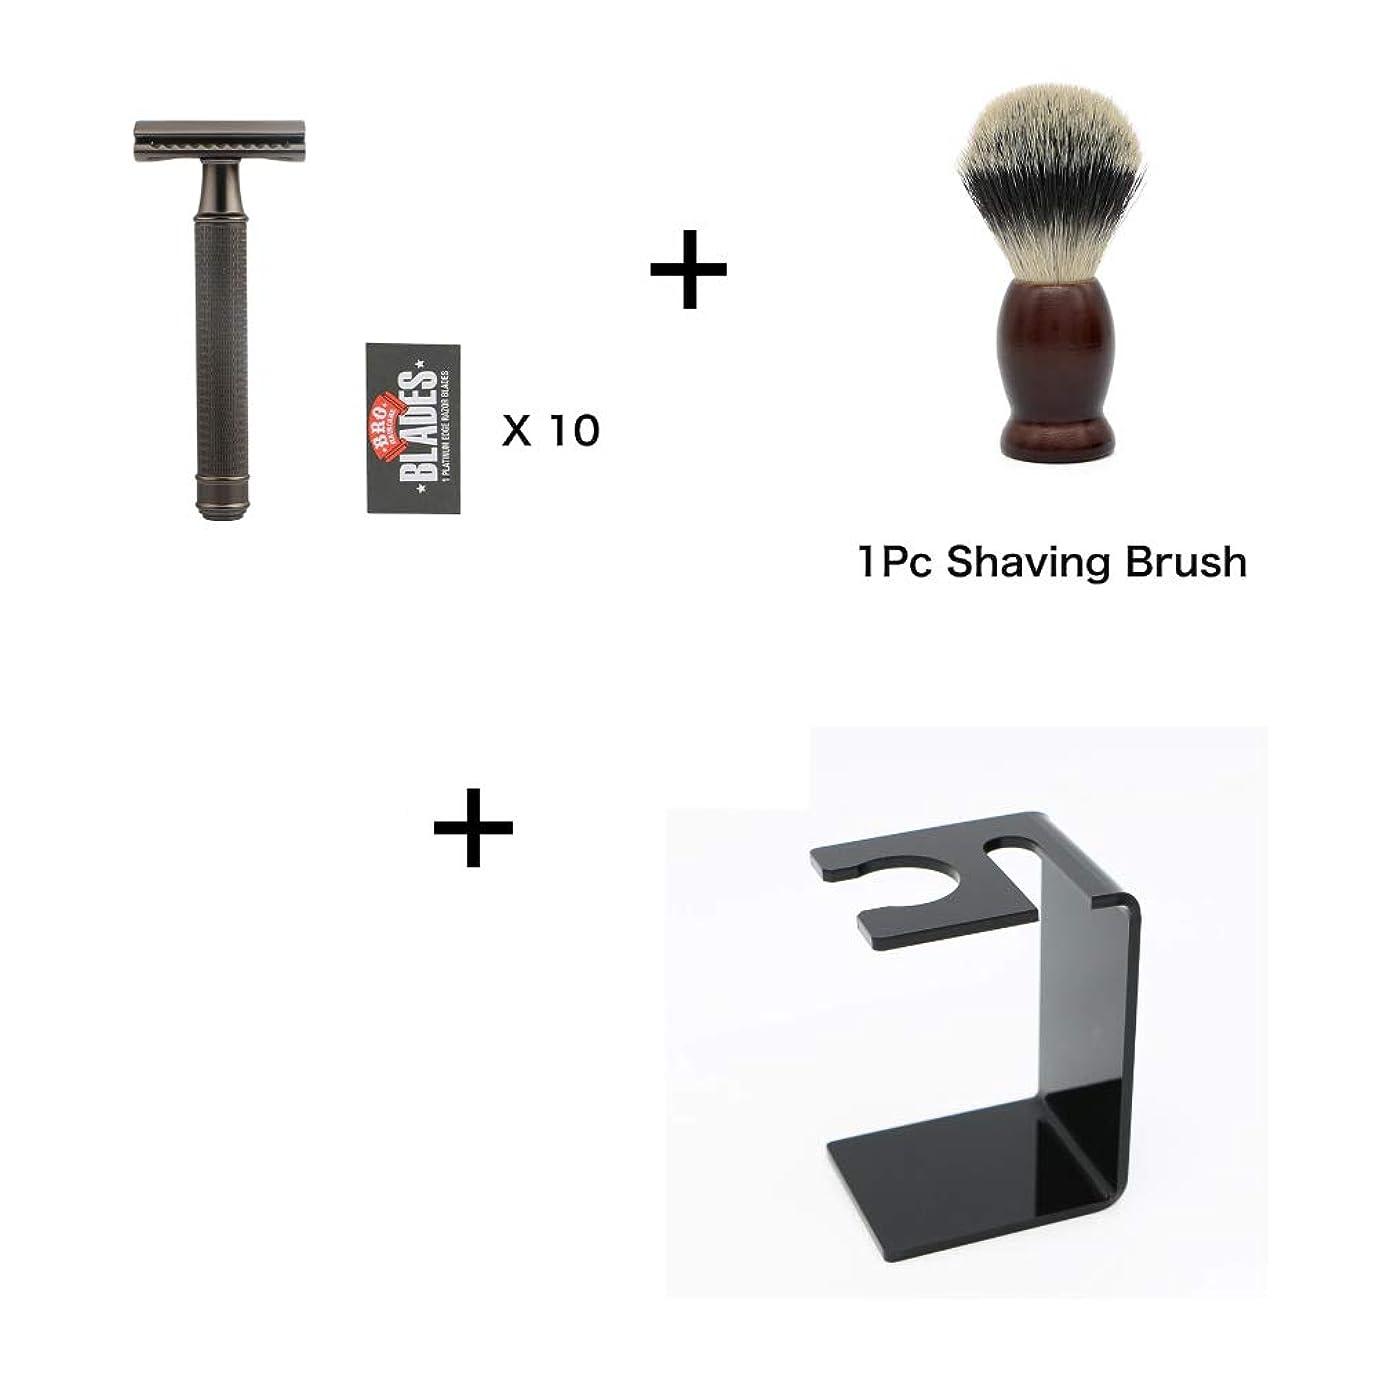 縞模様のアクティビティホイップMen's Shaving Kit, Double Edge Classic Manual Razor + Shaving Brush + Razor And Shaving Brush Holder + 10 Pcs Blade, Hair Removal, Men's Safety Razor 男性用シェービングキット、ダブルエッジクラシック手動かみそり+シェービングブラシ+かみそりとシェービングブラシホルダー+ 10個刃、脱毛、男性用安全かみそり